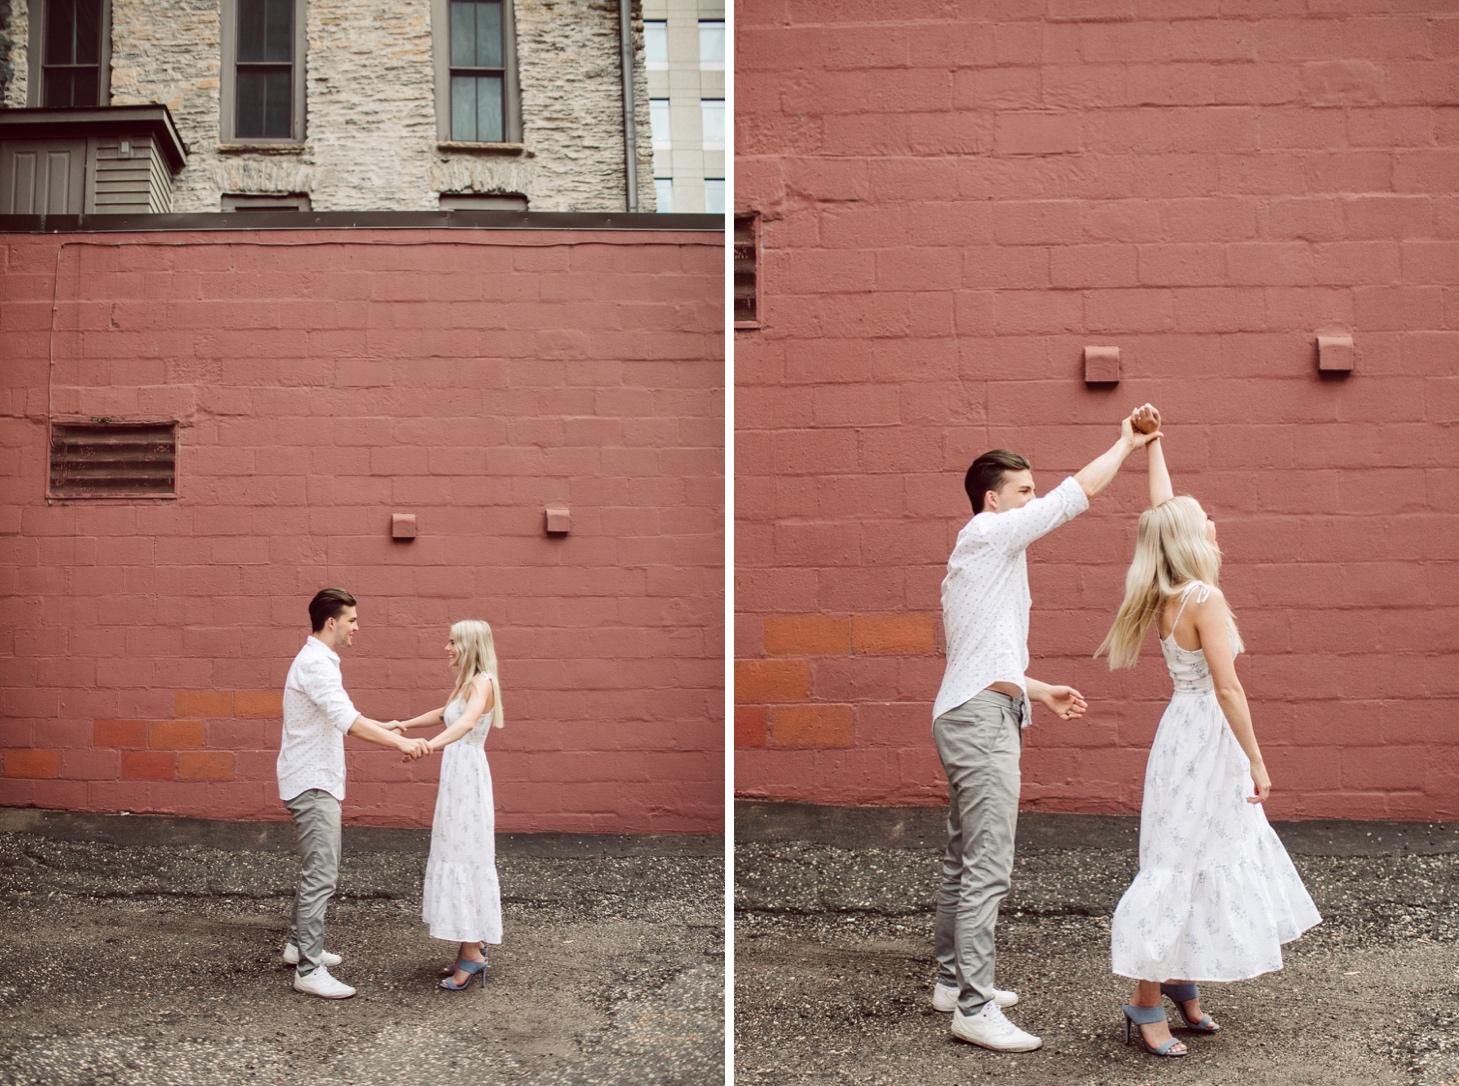 14_engagements-53_engagements-52_urbanphotography_stpaulphotos,_mnweddingphotographer,_kileymarissaphotography,_stpaulengagement,_stpaulminnesota_kileymarissa,_mnengagementphotos,.jpg